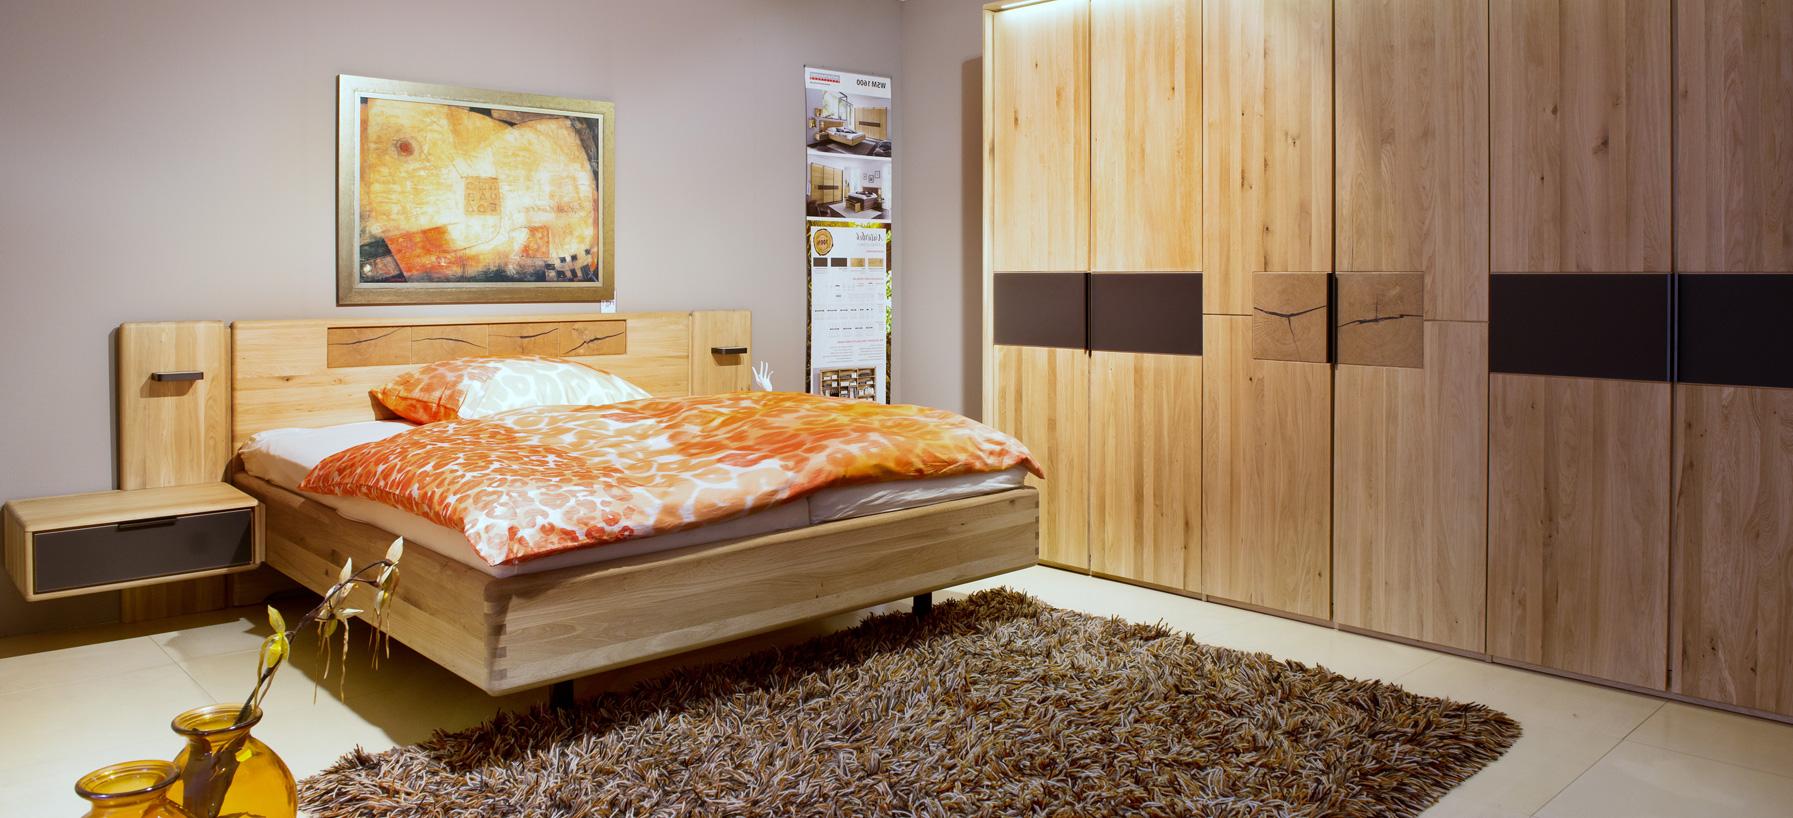 Full Size of Farr Wohnwelt Schlafzimmer Sitzbank Deckenleuchte Komplettes Vorhänge Stuhl Für Lampe Günstig Deckenlampe Set Weiß Schränke Schlafzimmer Schranksysteme Schlafzimmer